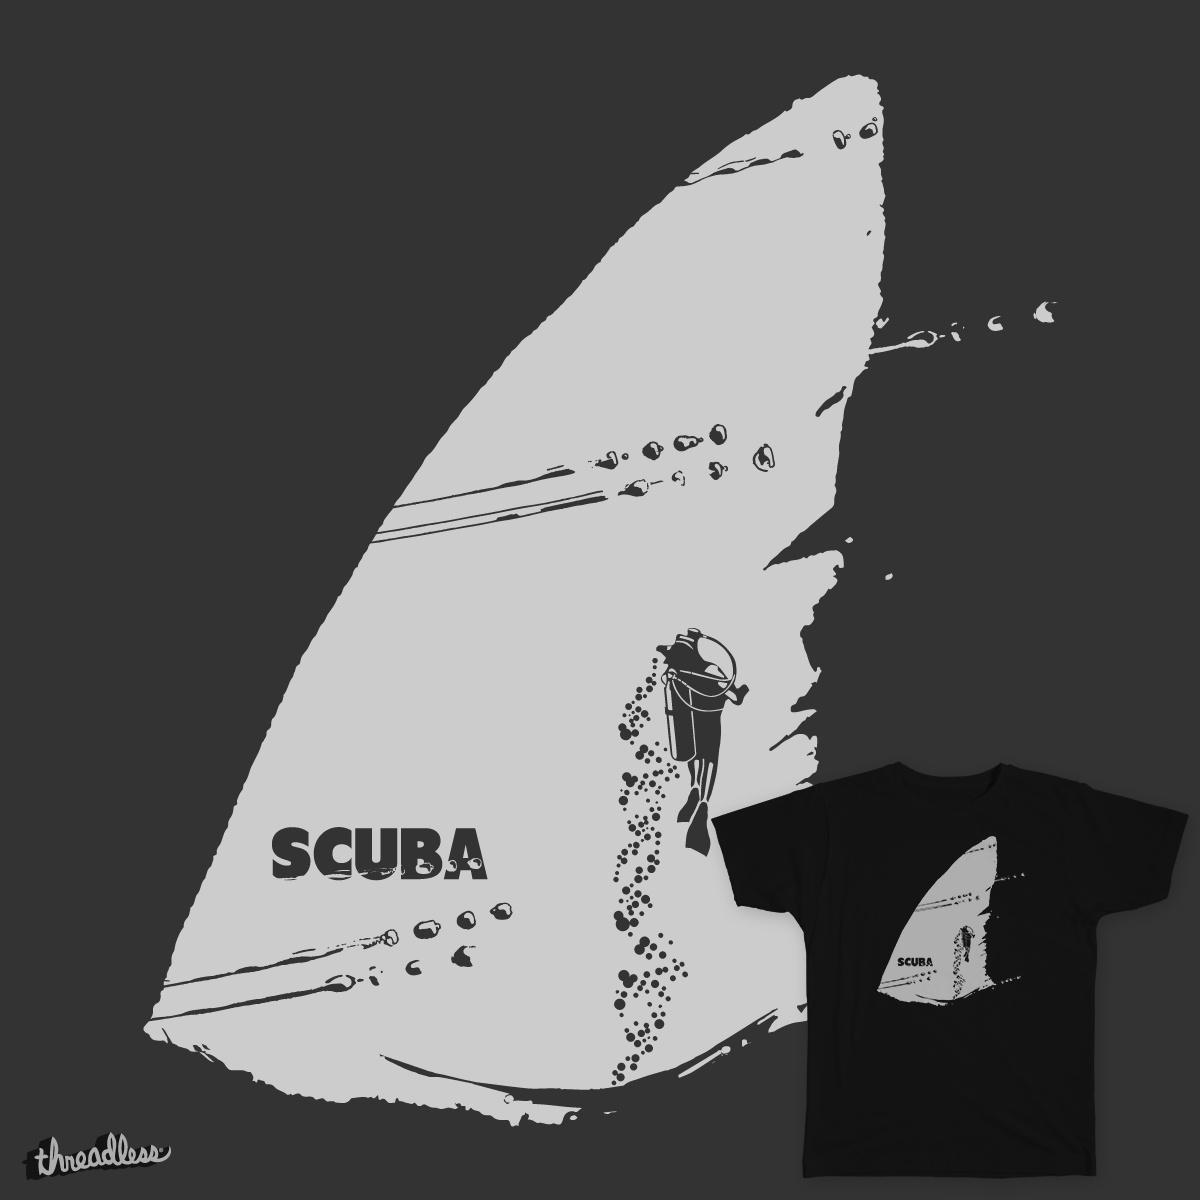 Scuba Shark by DenVeegerd on Threadless